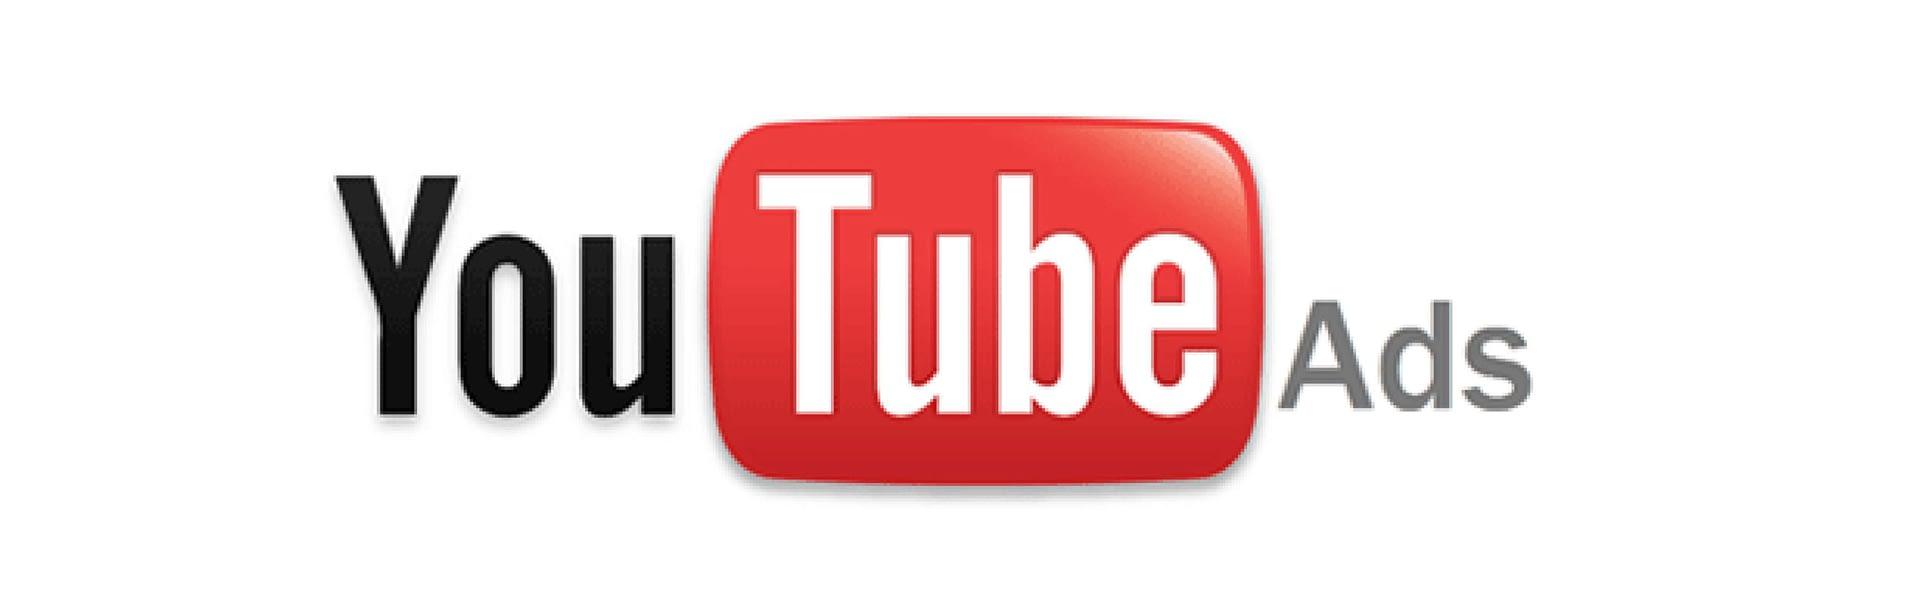 YouTube Ads 16 16 1 scaled